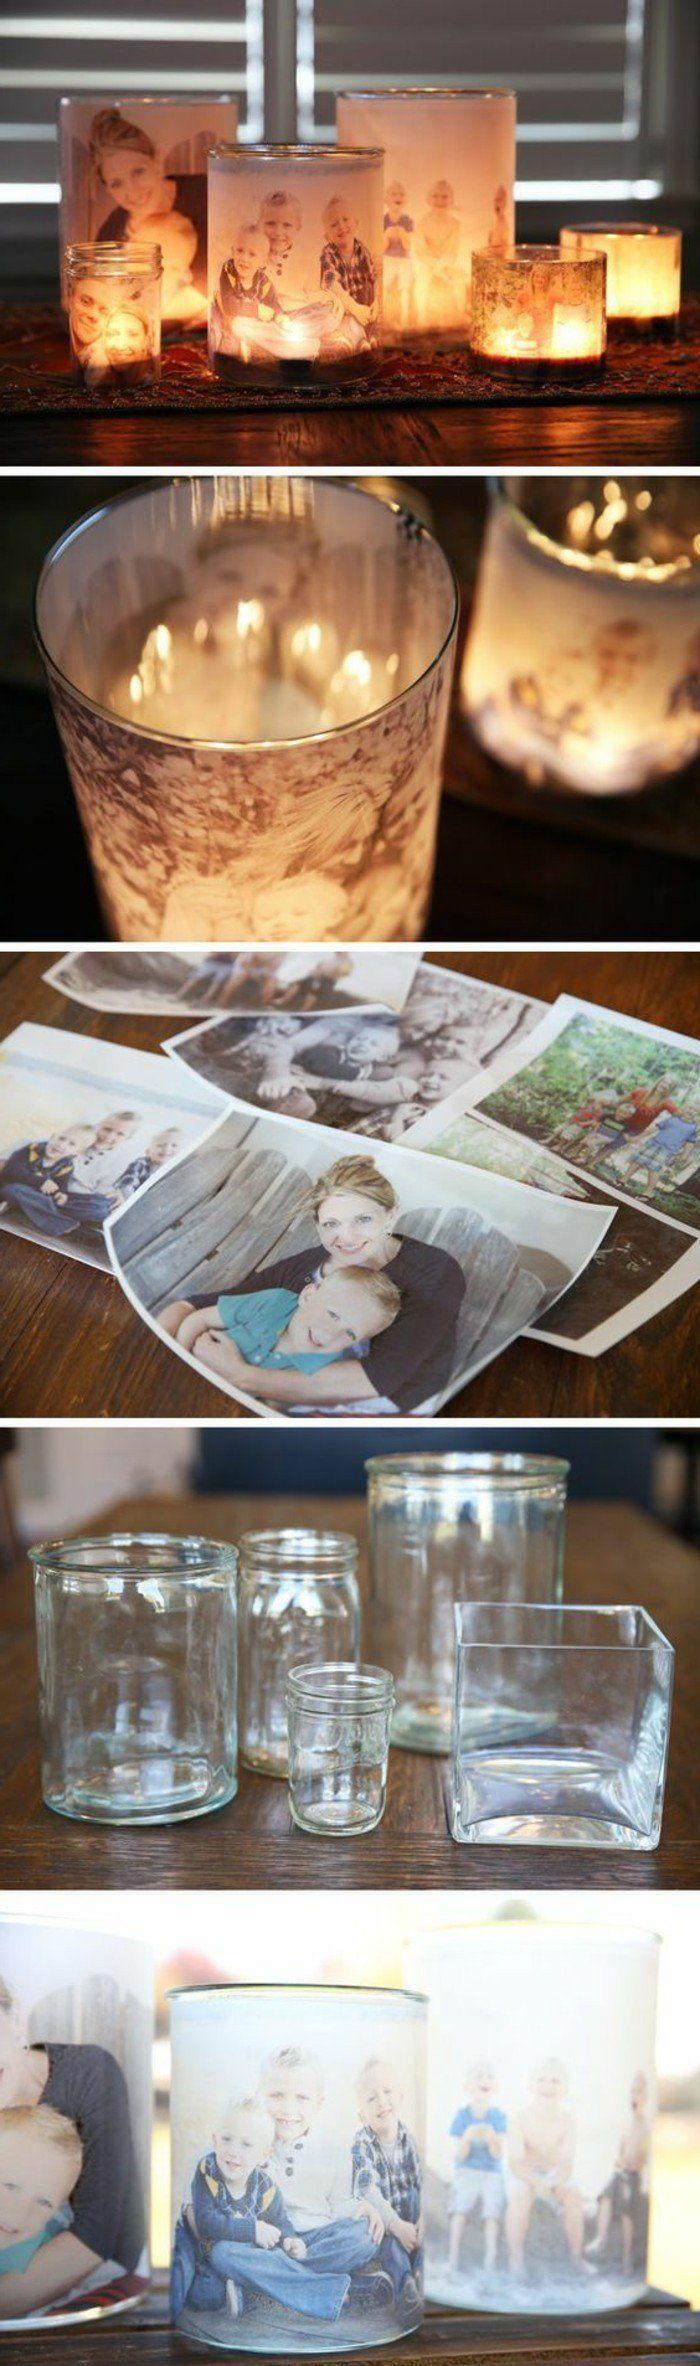 jolies bougeoirs décorés de photos d'enfants, suggestion sympa de cadeau fête des mères à fabriquer